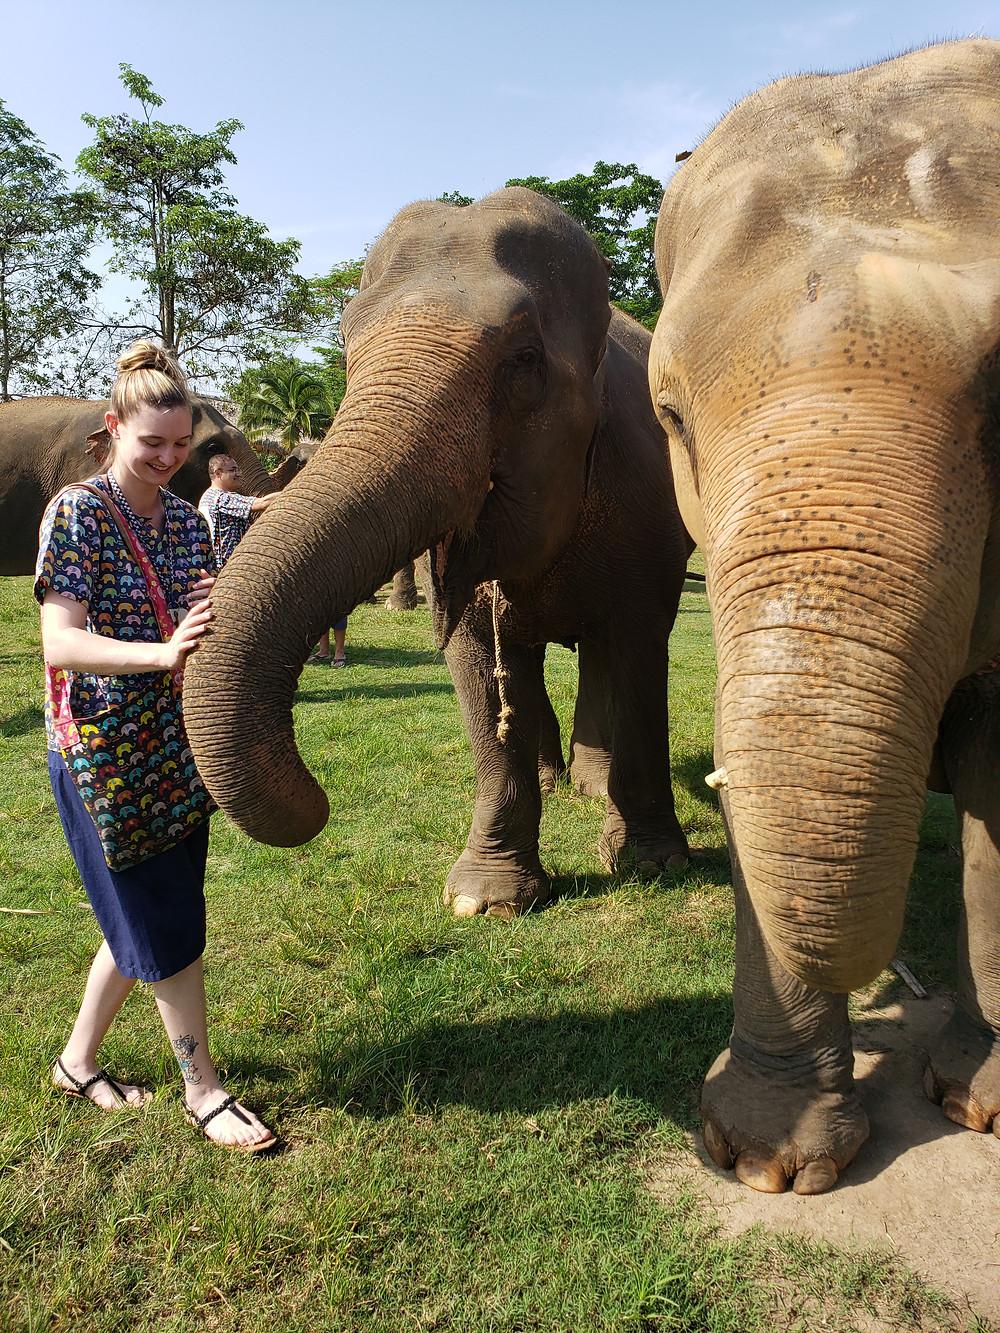 Elephants at Kanta Elephant Sanctuary, Chiang Mai, Thailand